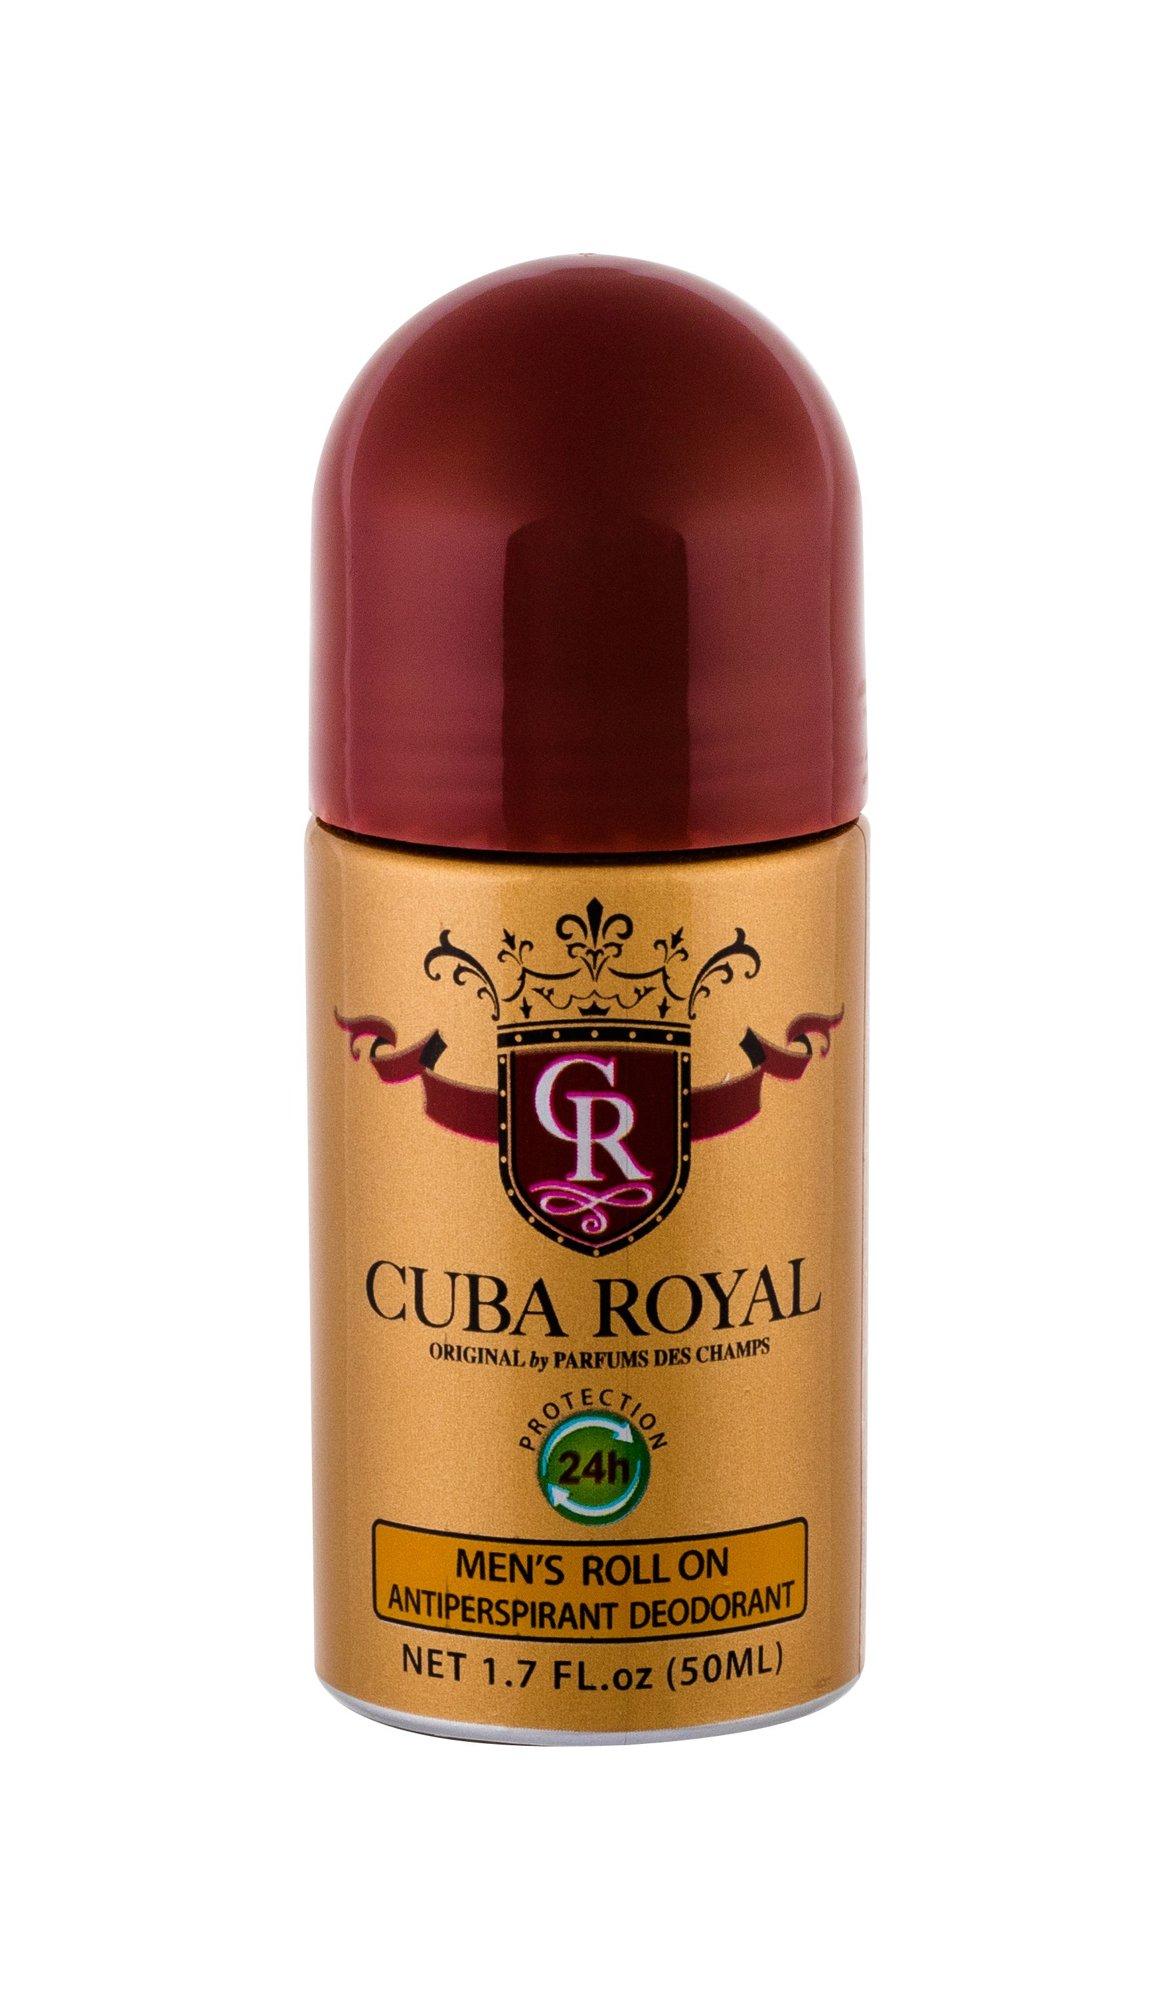 Cuba Royal Deodorant 50ml